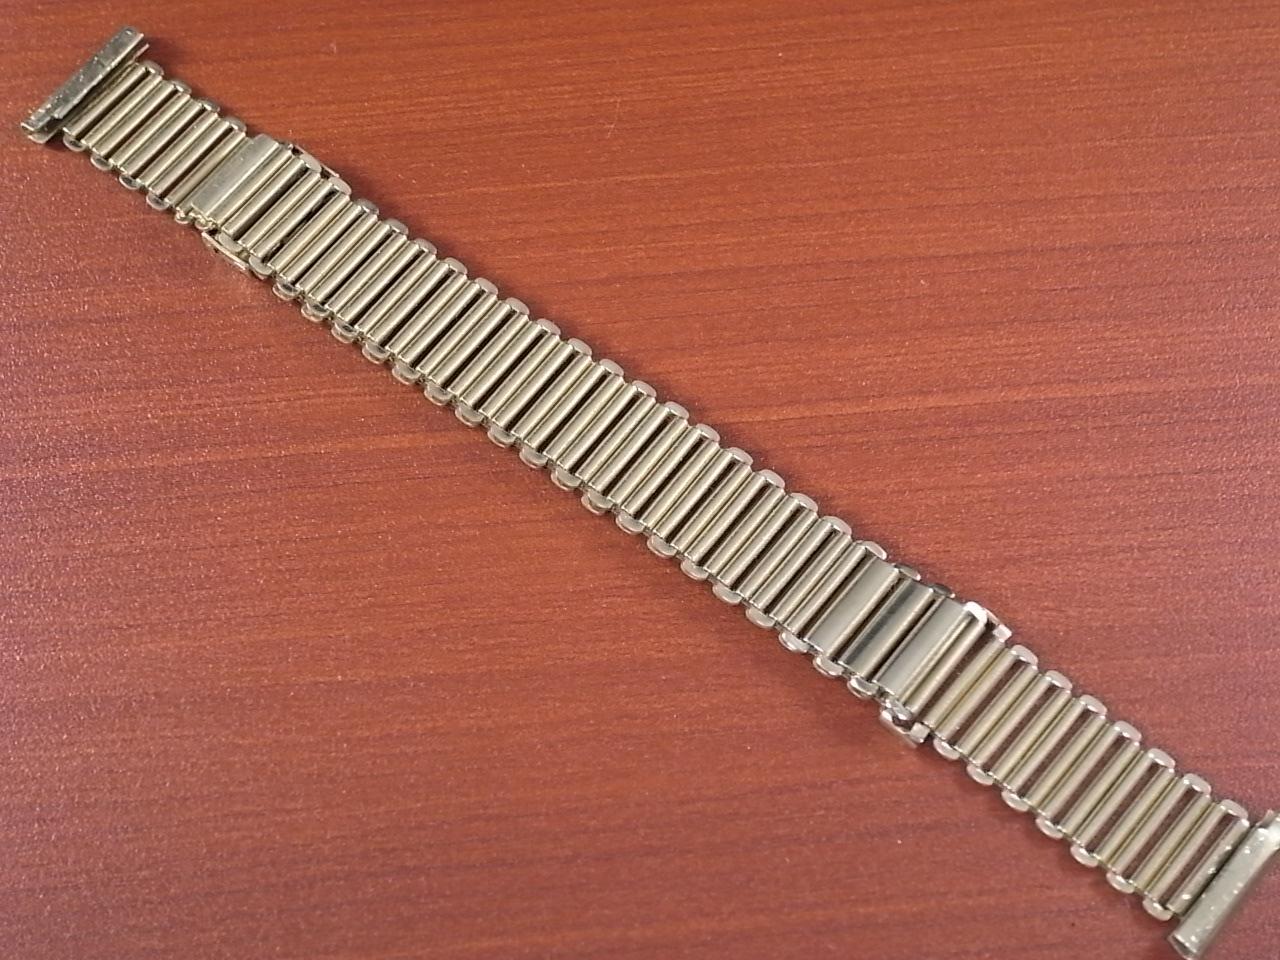 ボンクリップ バンブーブレス GP 筆記体ロゴ 13㎜タイプ 16㎜ BONKLIPの写真4枚目